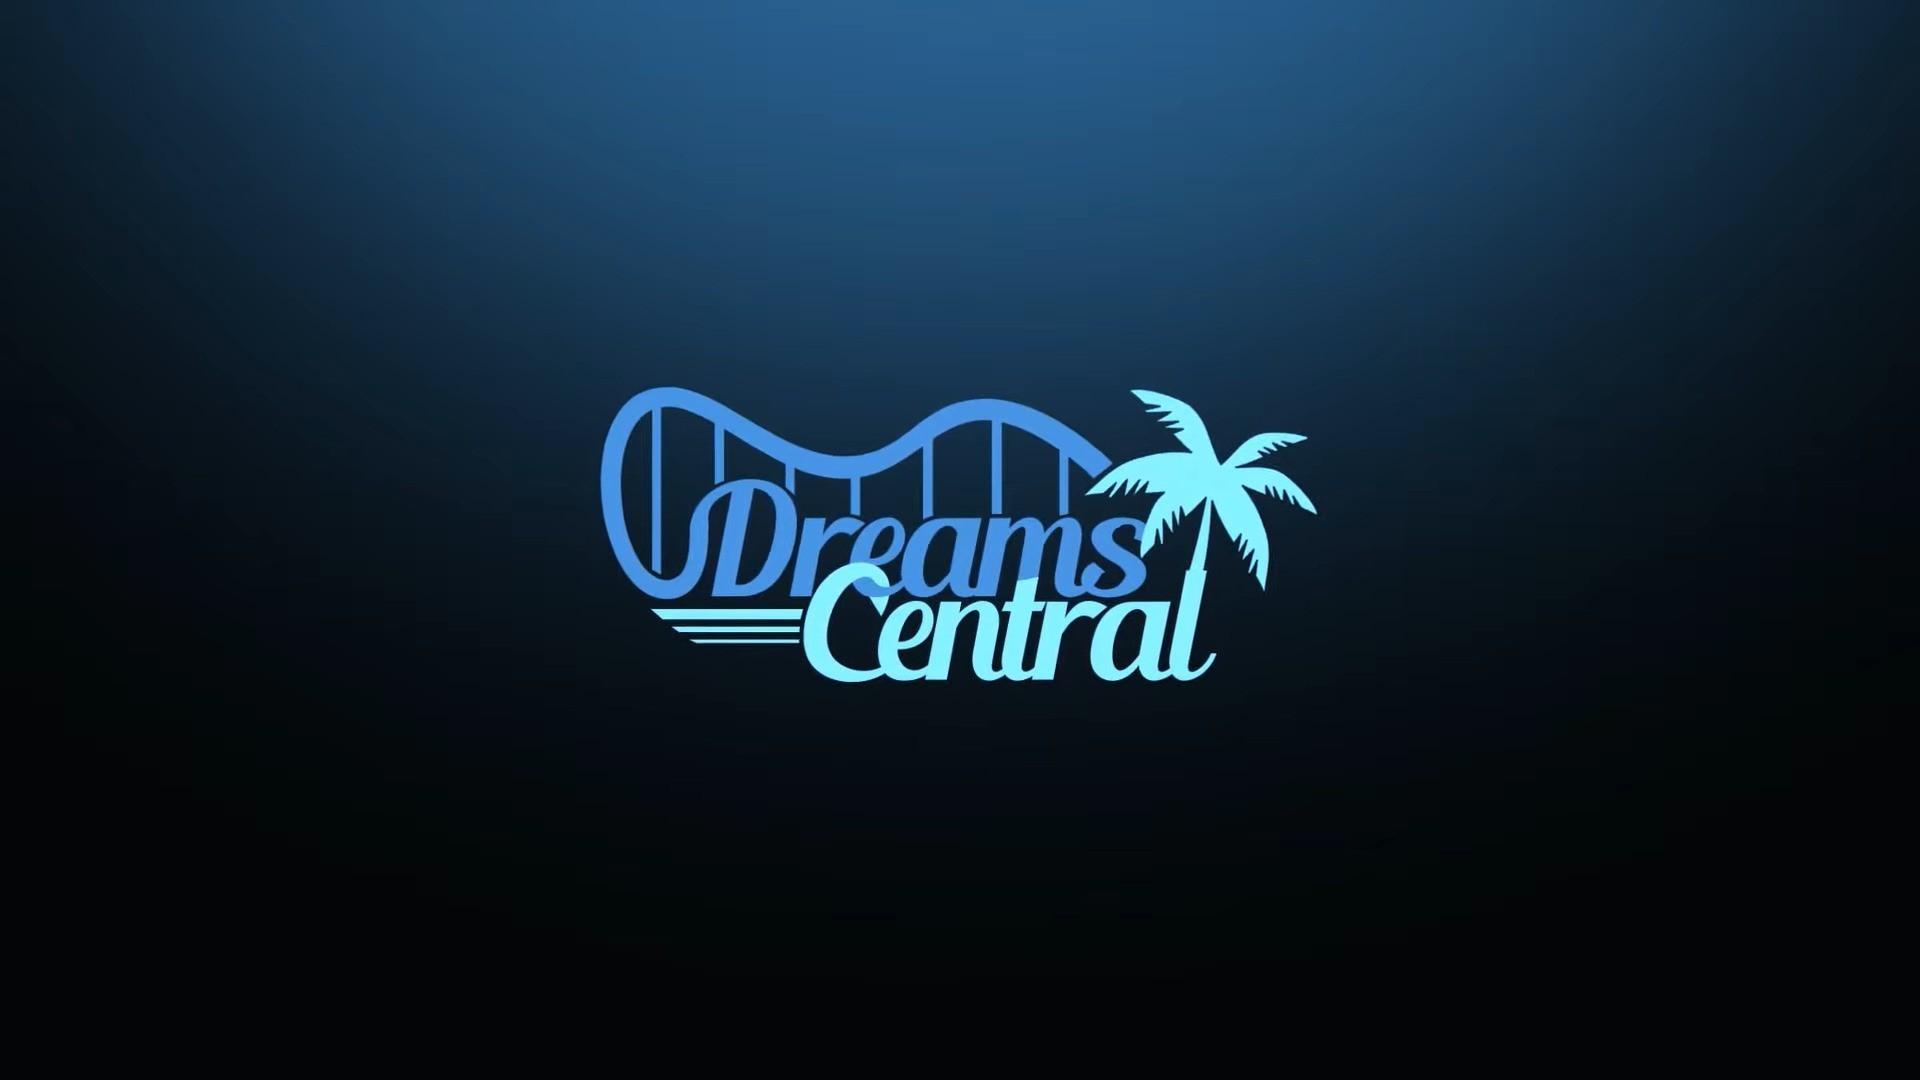 Dreams Central